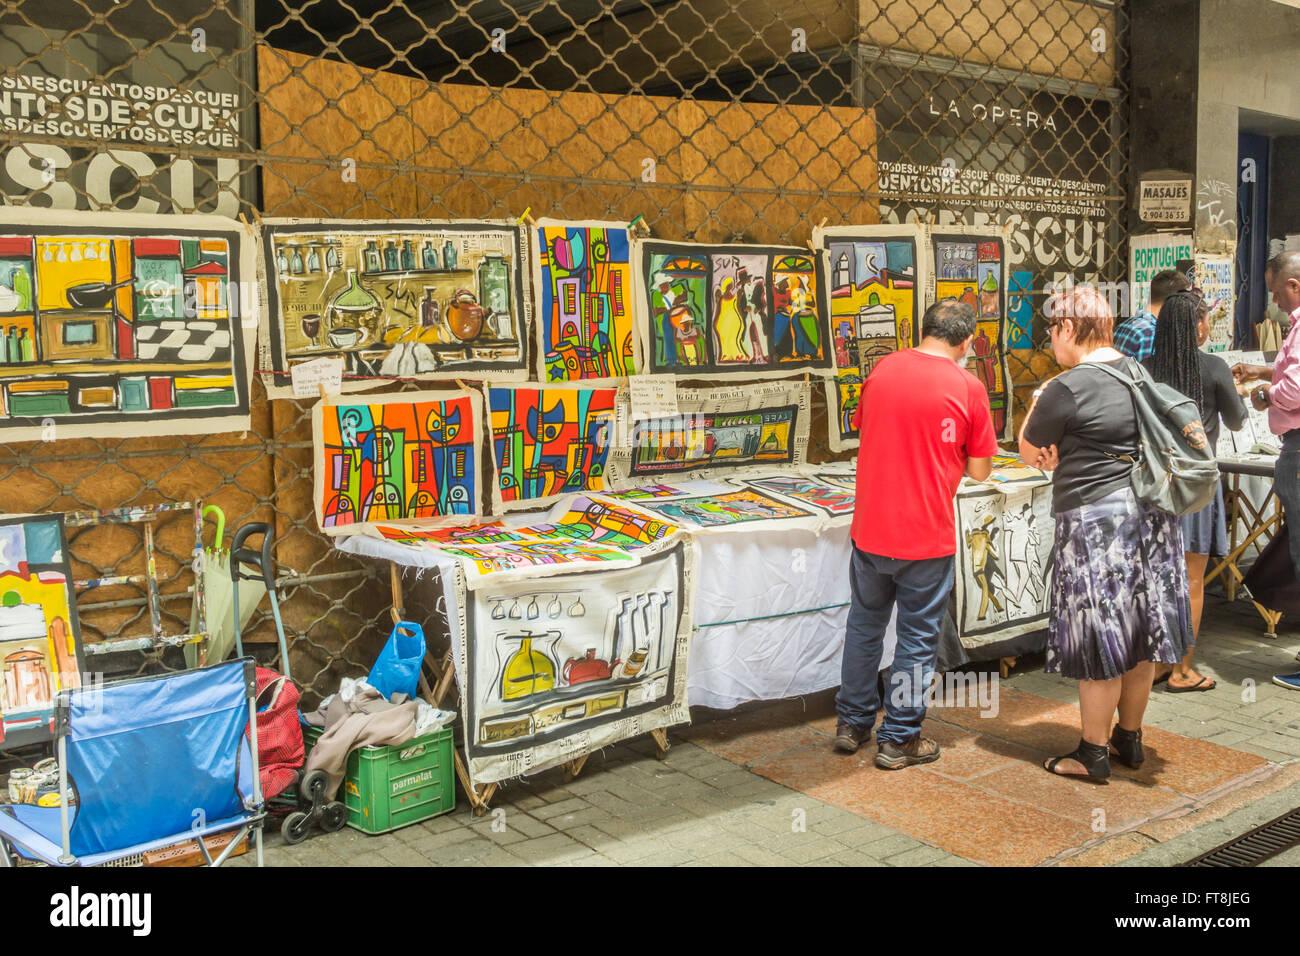 Vente de peintures, l'ARTISTE MONTIVIDEO URUGUAY - CIRCA, décembre 2015. Vente d'un artiste peinture Photo Stock